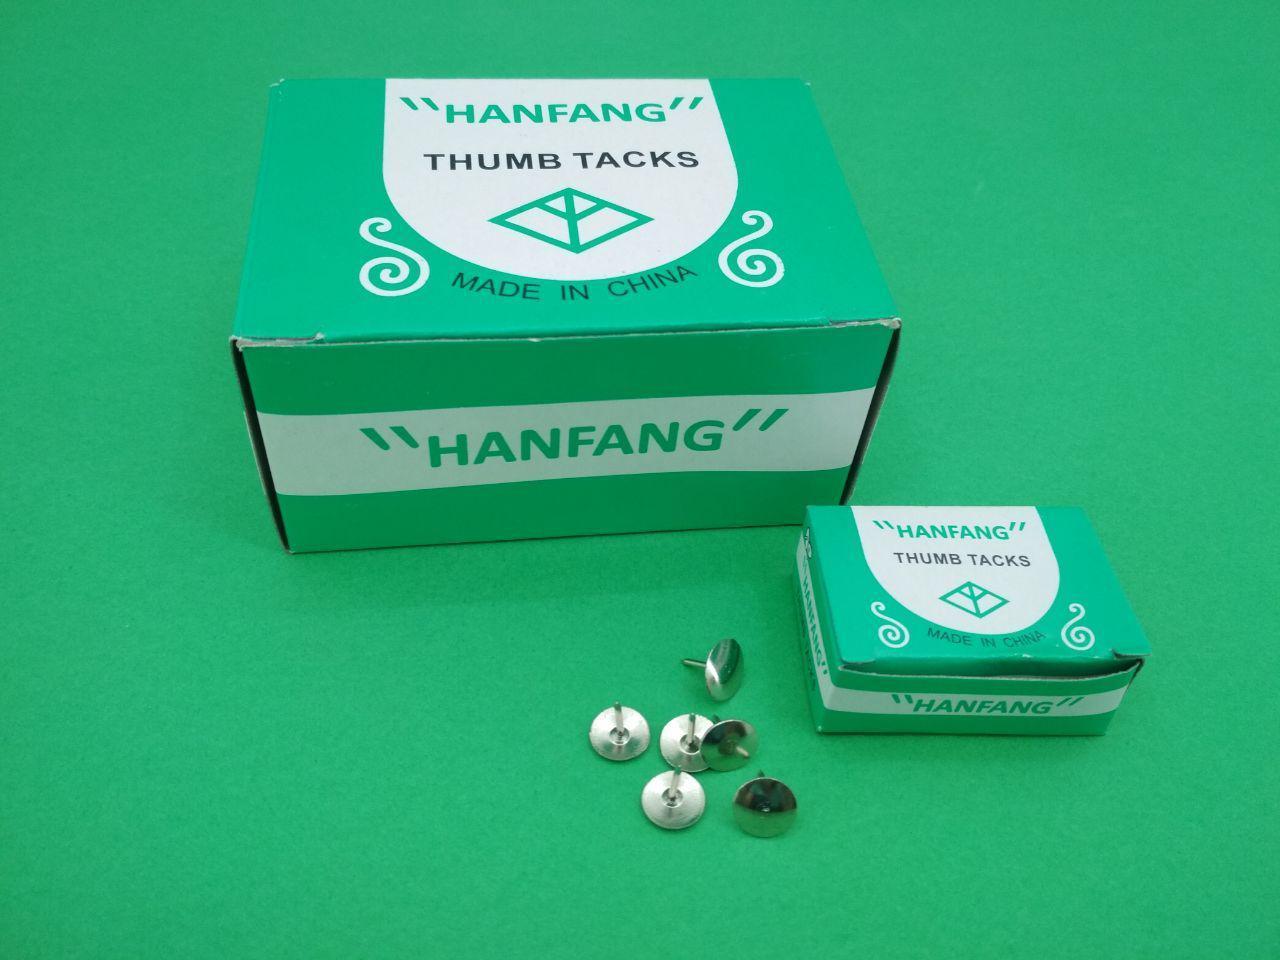 Кнопки канцелярские(Hanfang) в картонной упаковке  (1 пач)